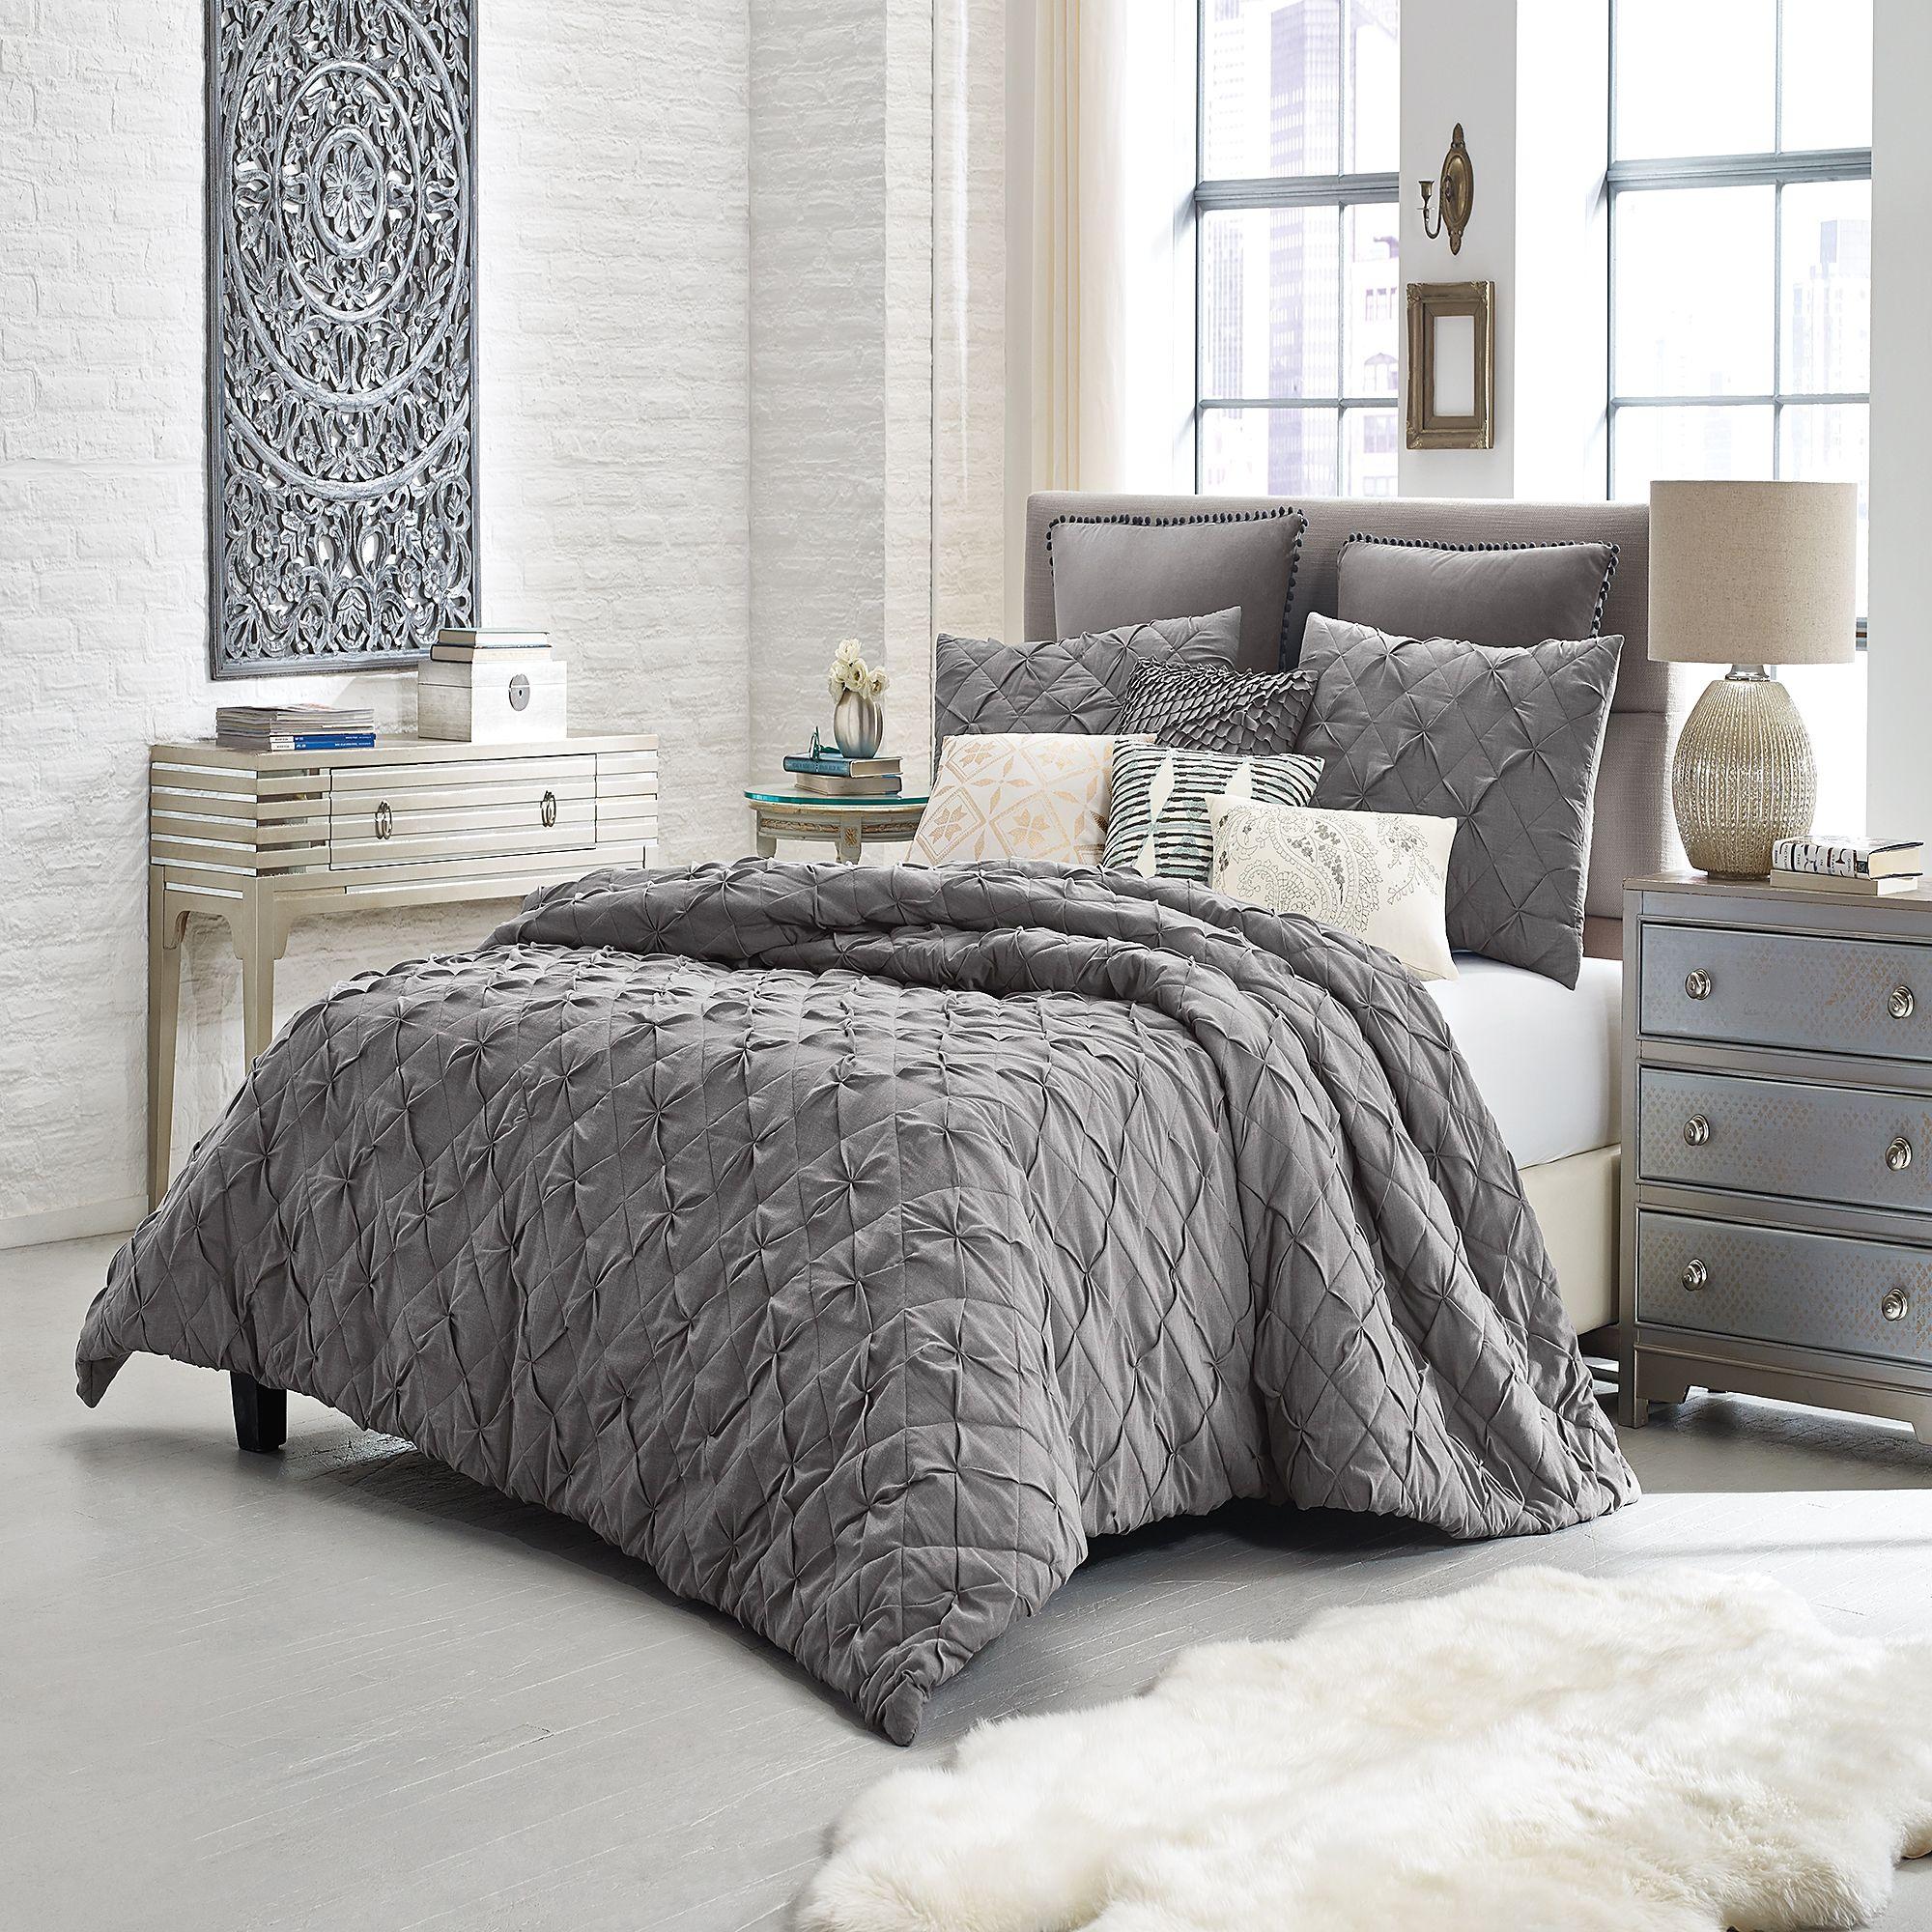 Anthology Mina Comforter Set Comforter Sets Bedroom Makeover